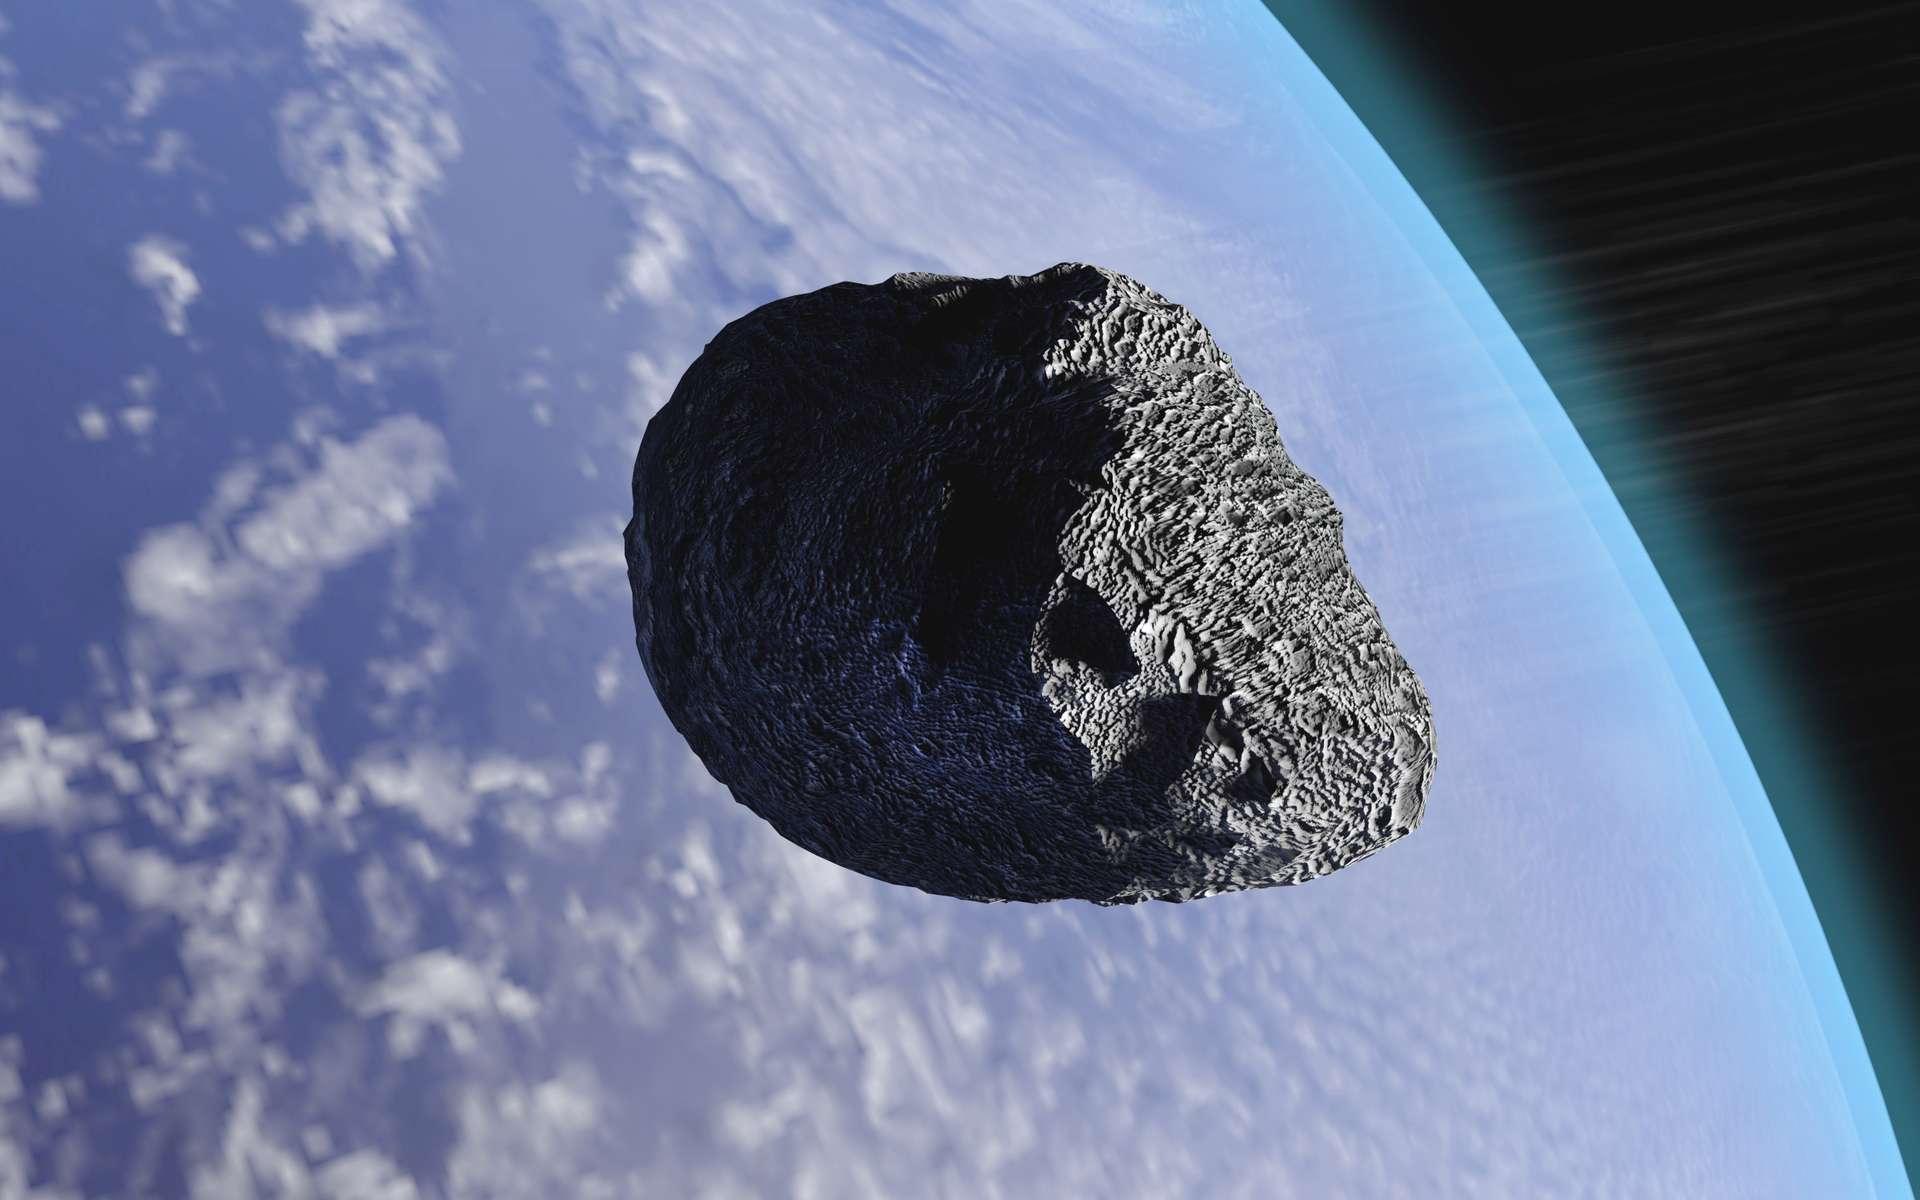 L'astéroïde 2002 NTZ est passé près de la Terre, le 13 janvier 2019. © auntspray, fotolia